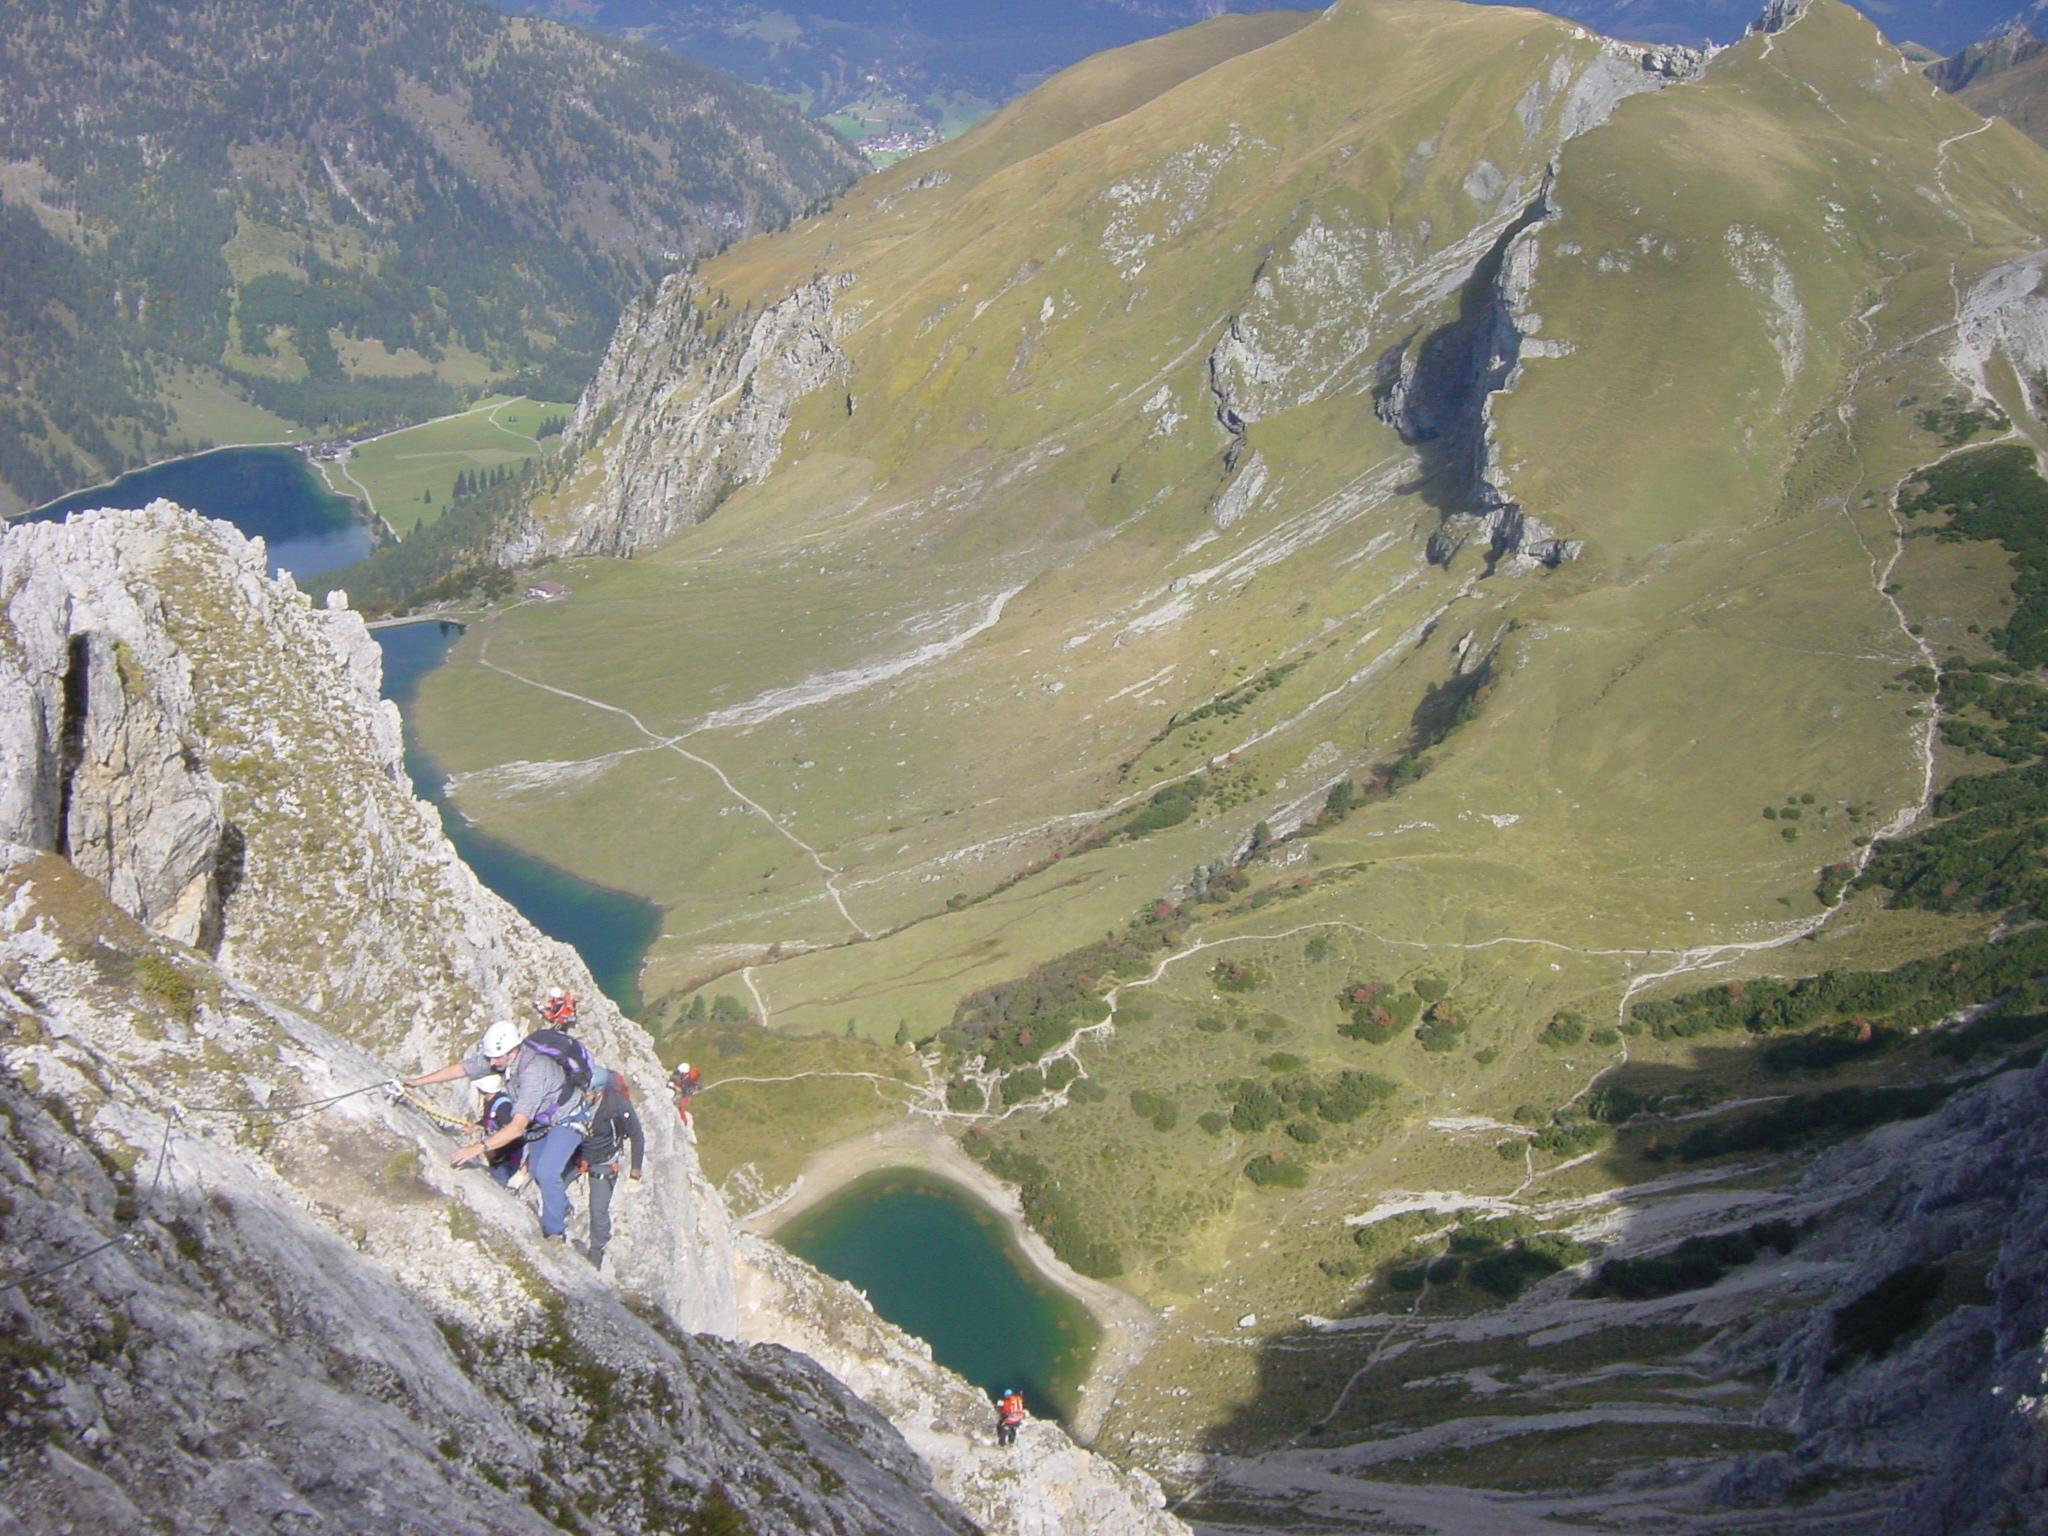 Klettersteig Lachenspitze Bilder : Klettersteig im tannheimer tal lachenspitze vom